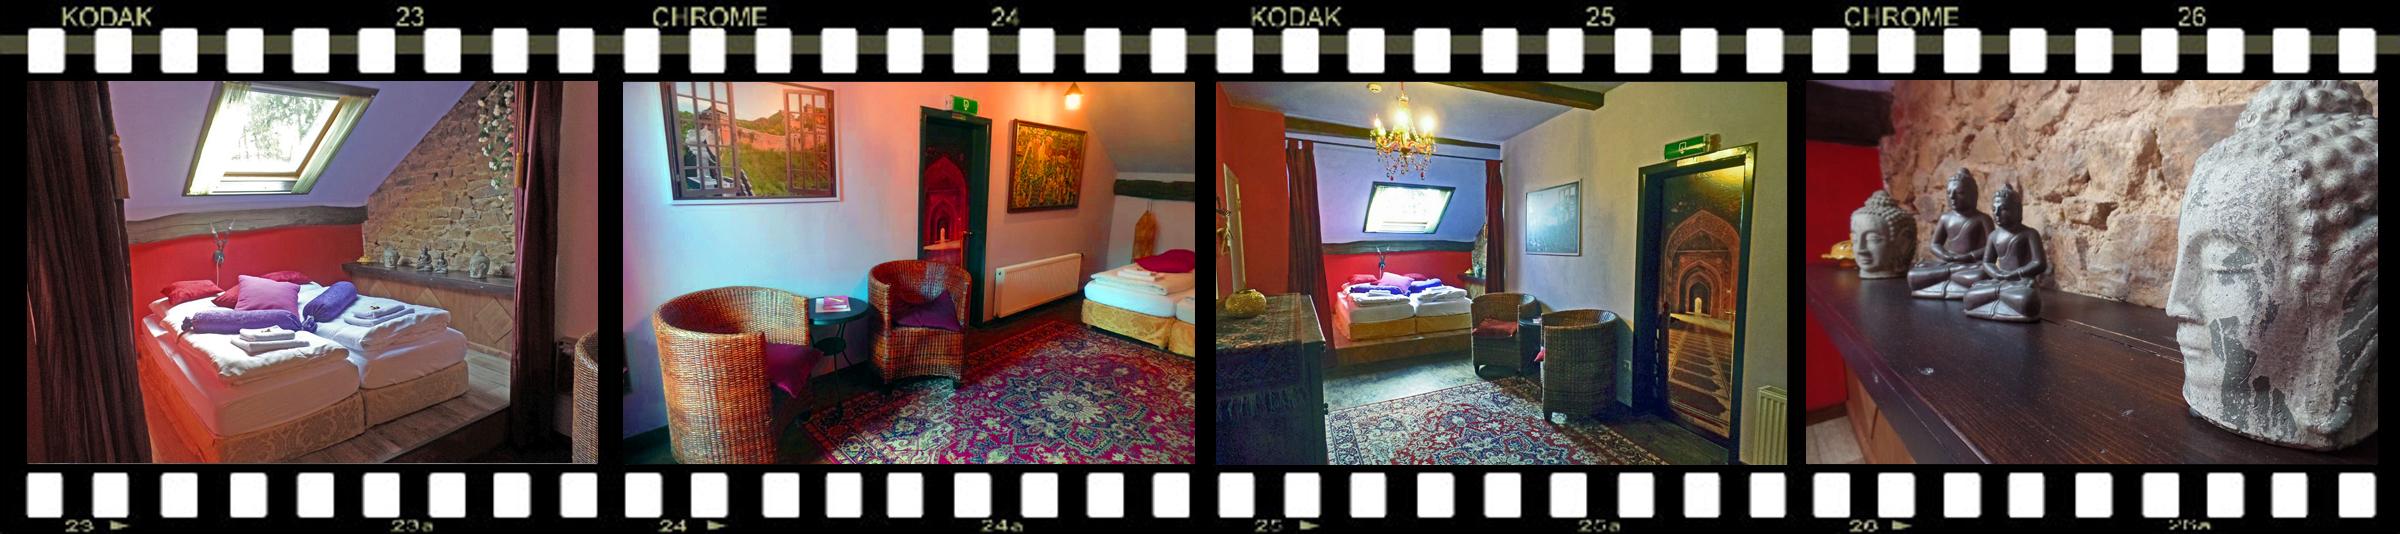 Oosterse kamer bed breakfast bo temps - Kamer sfeer ...